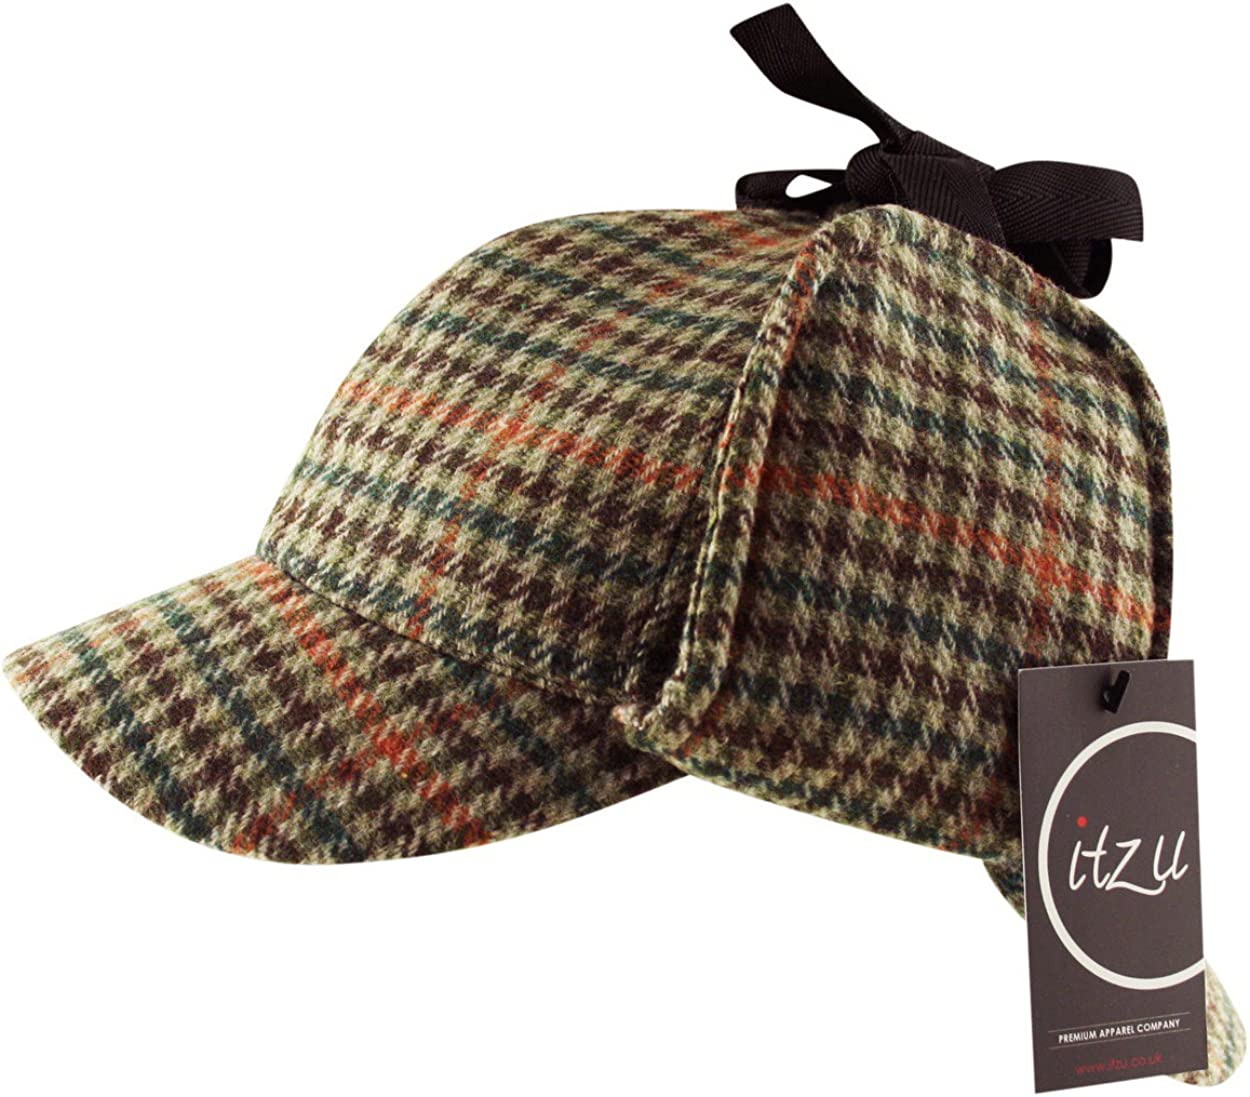 Itzu Tweed Deerstalker Sherlock Holmes Hat Wool Country Check Two Peaks Ear Flaps Unisex Brown